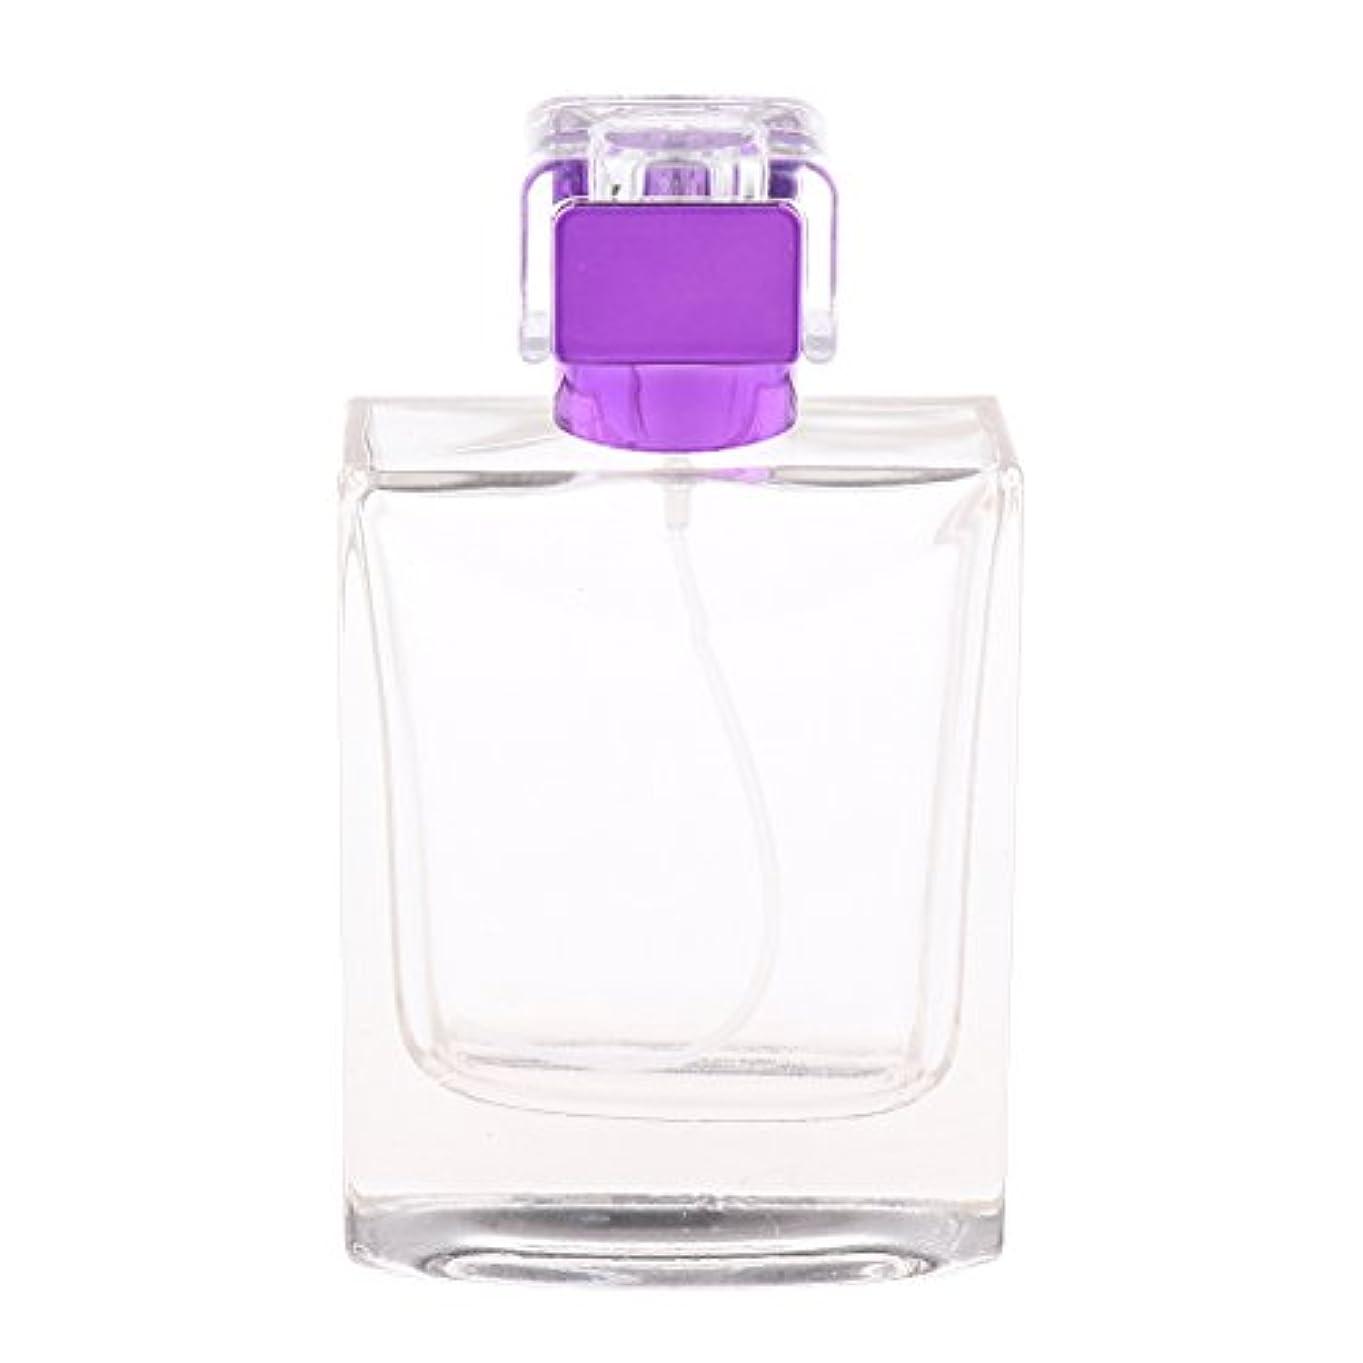 物思いにふける在庫ユーモラスノーブランド品  100ml  矩形 香水瓶 スプレーボトル アトマイザー 詰め替え 旅行携帯便利  - 紫